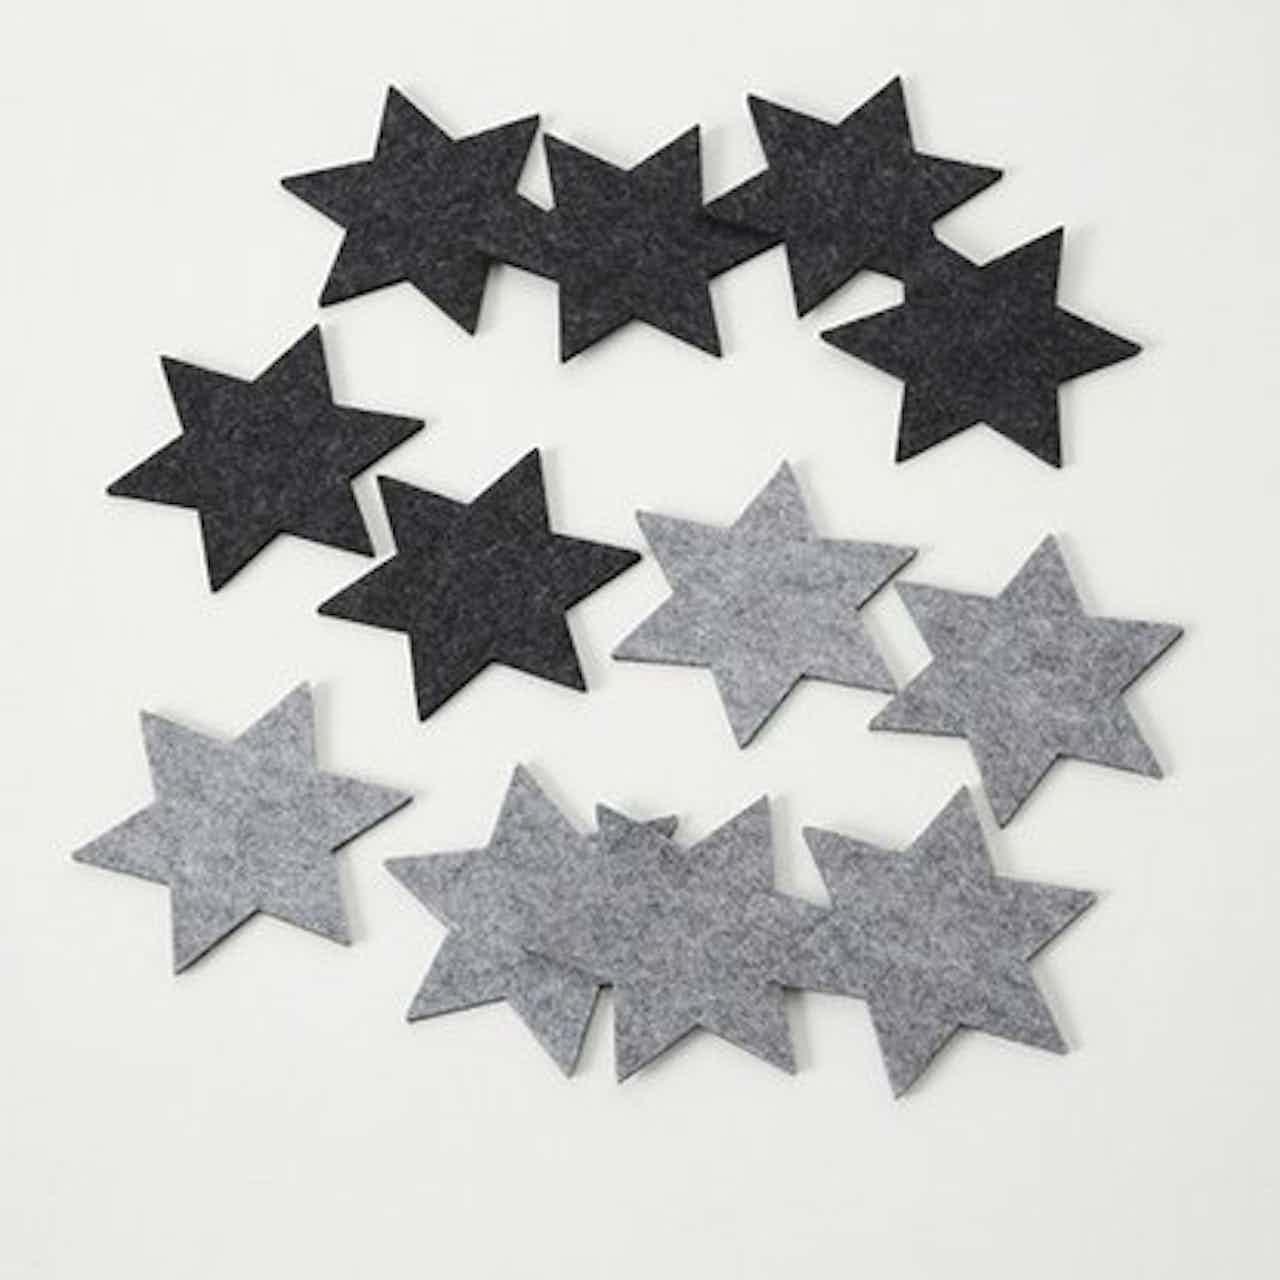 Alátét csillag filc 6 részes kétféle változatban   13 cm szürke